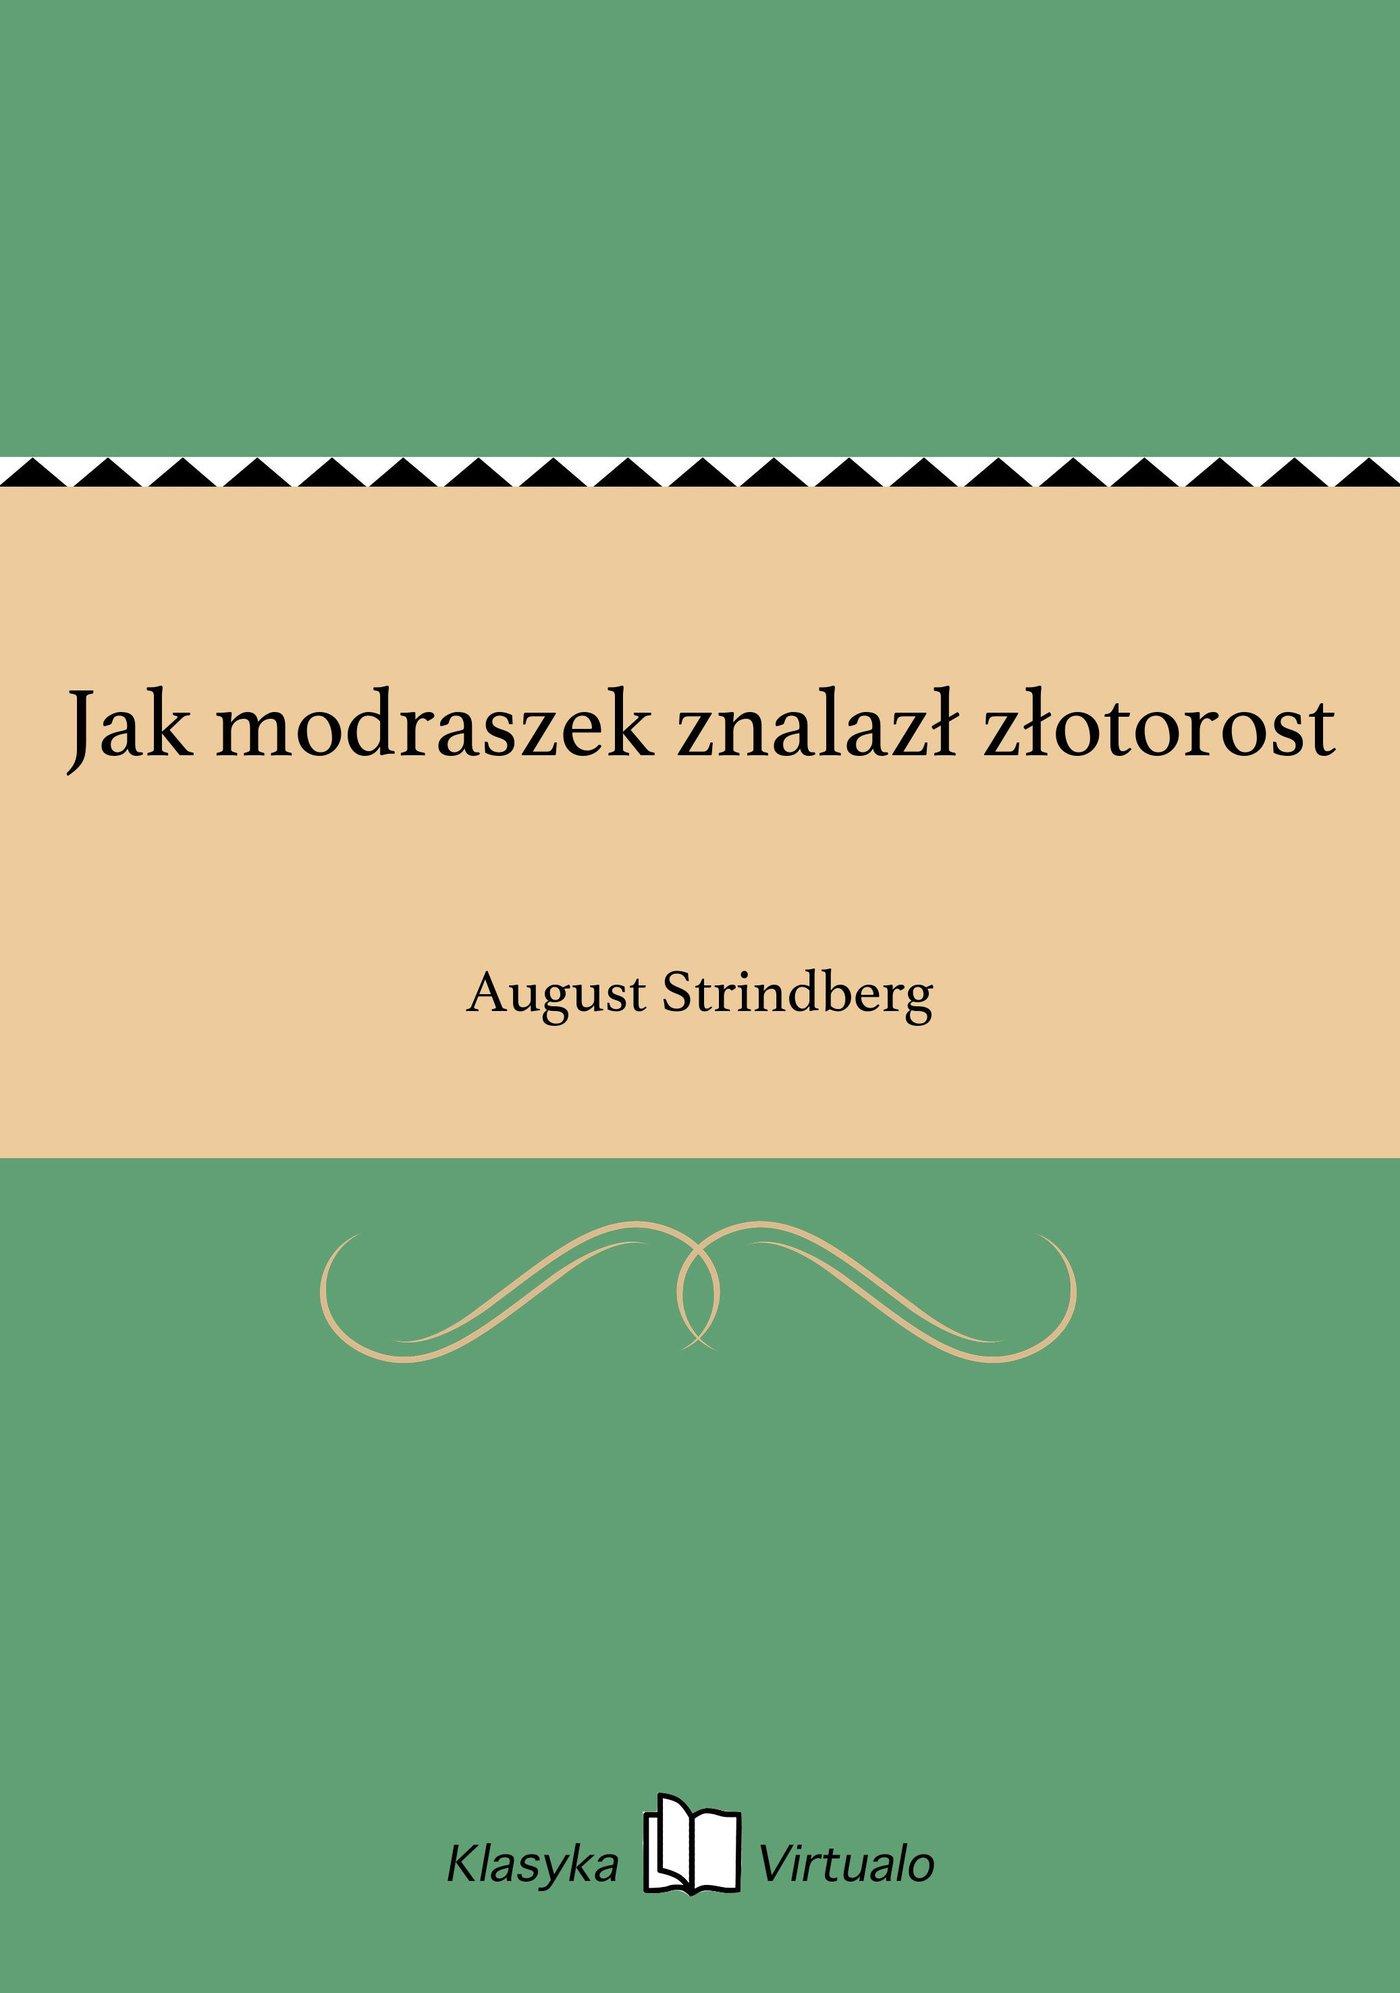 Jak modraszek znalazł złotorost - Ebook (Książka EPUB) do pobrania w formacie EPUB